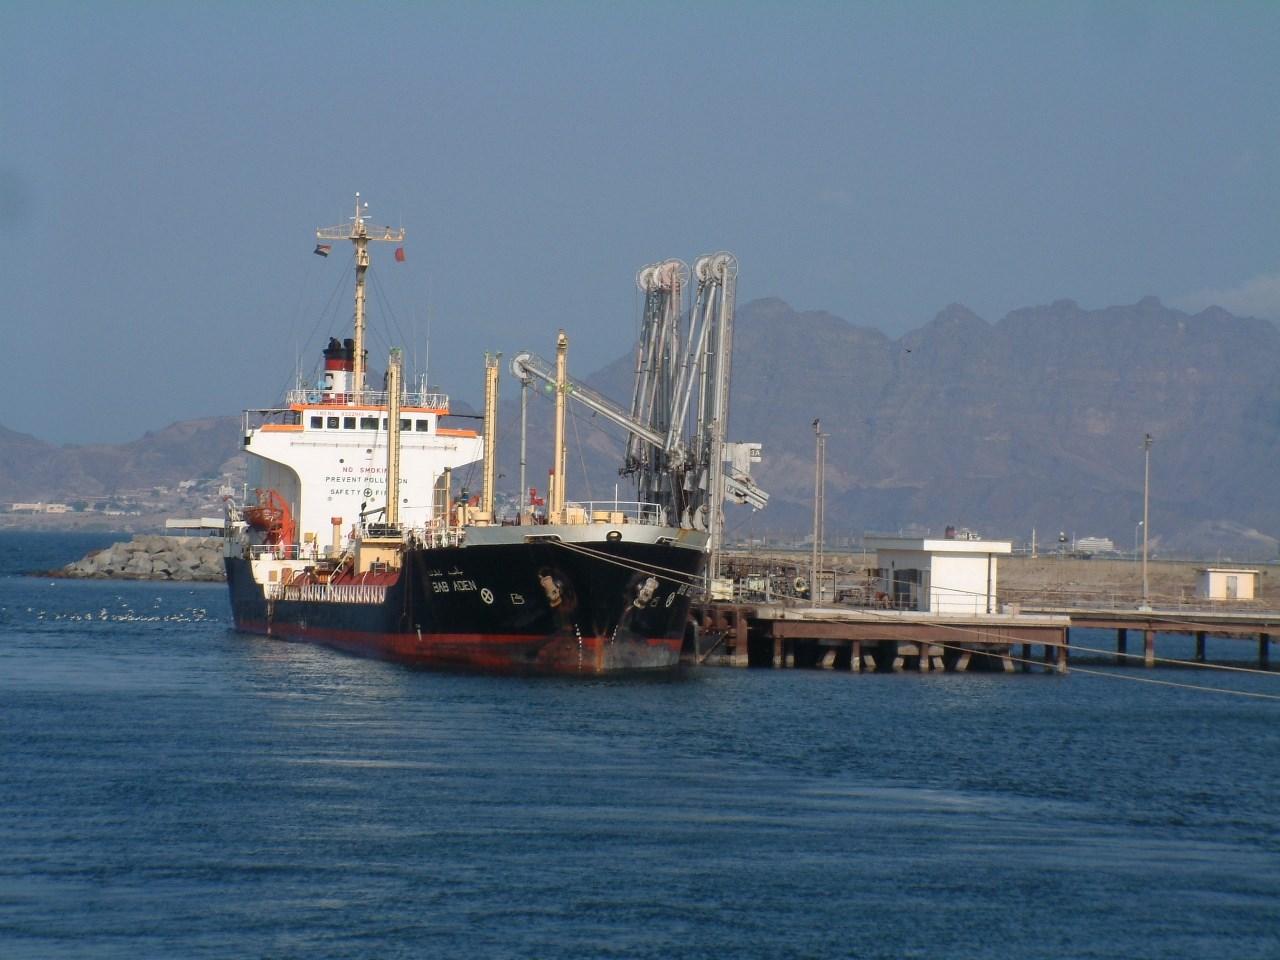 احتجاز سفن في الحديدة